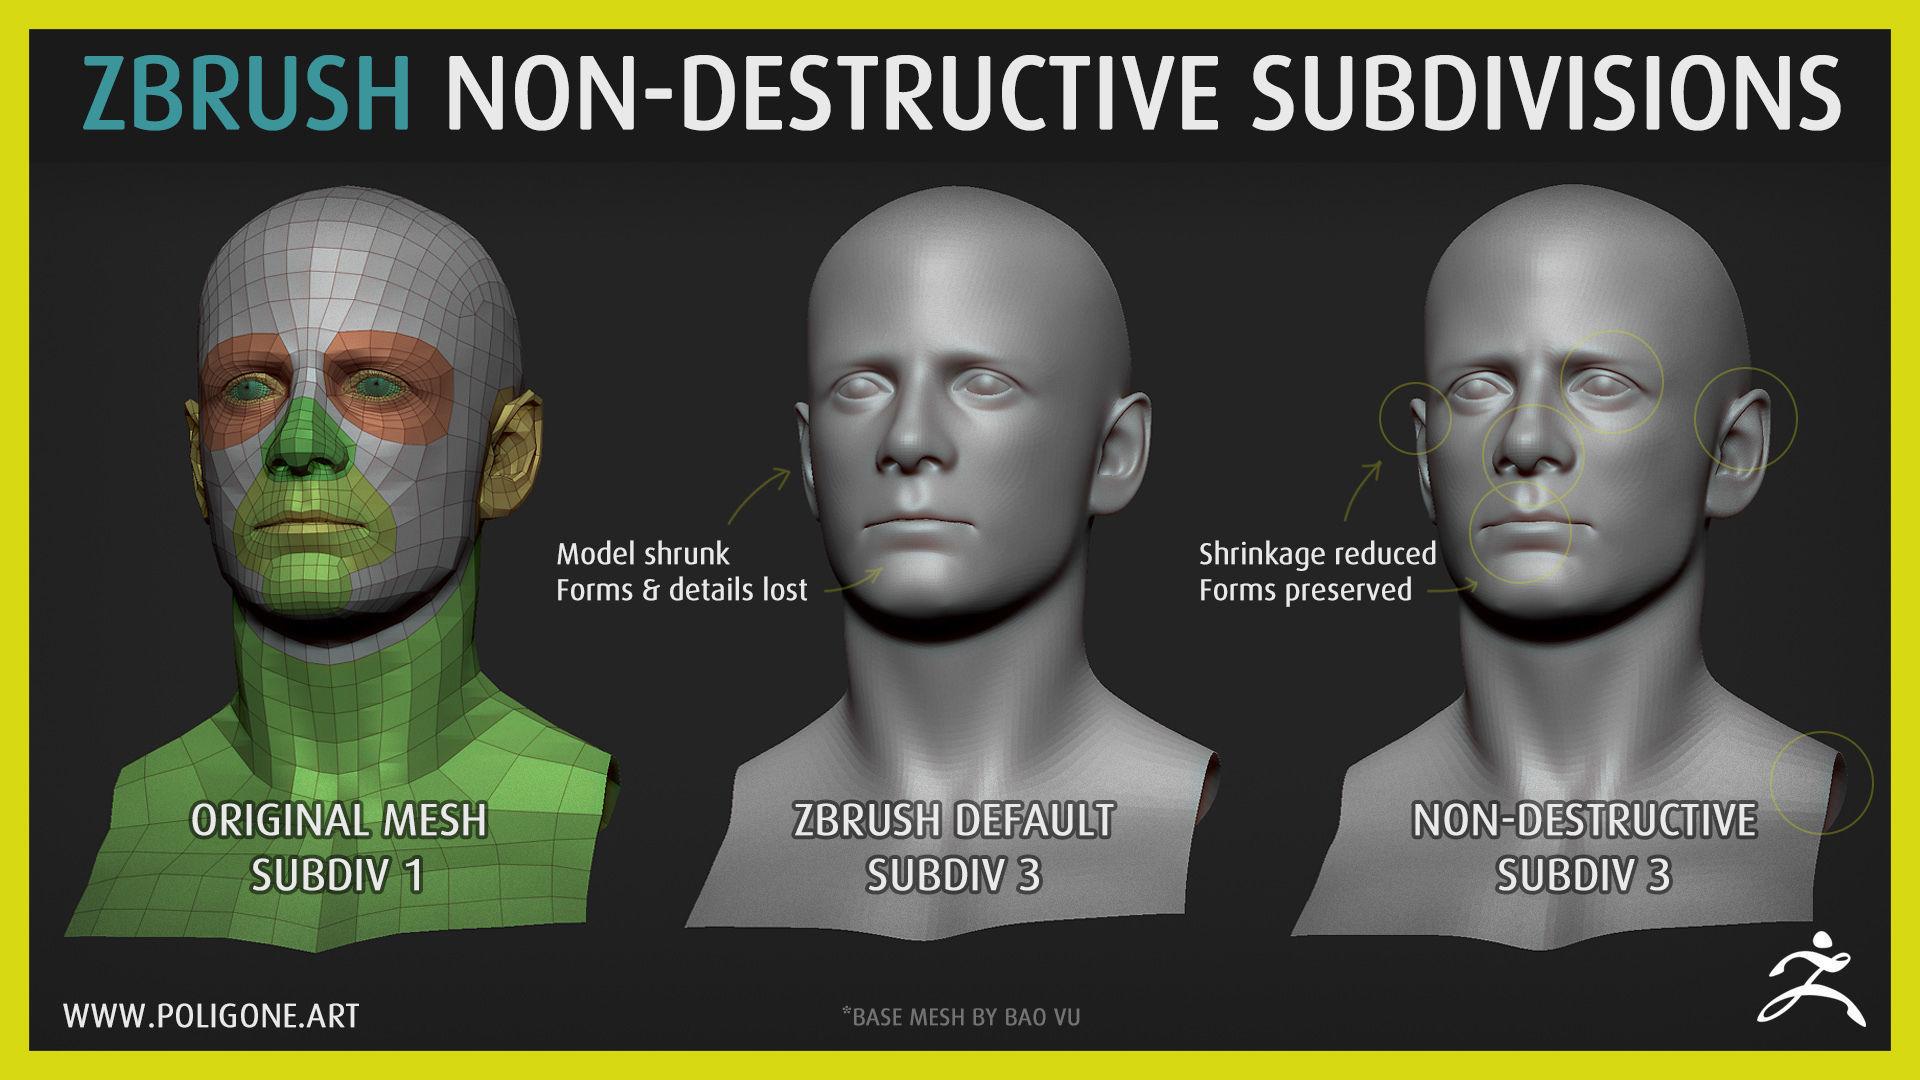 Poligone - ZBrush Non-Destructive SubDivisions